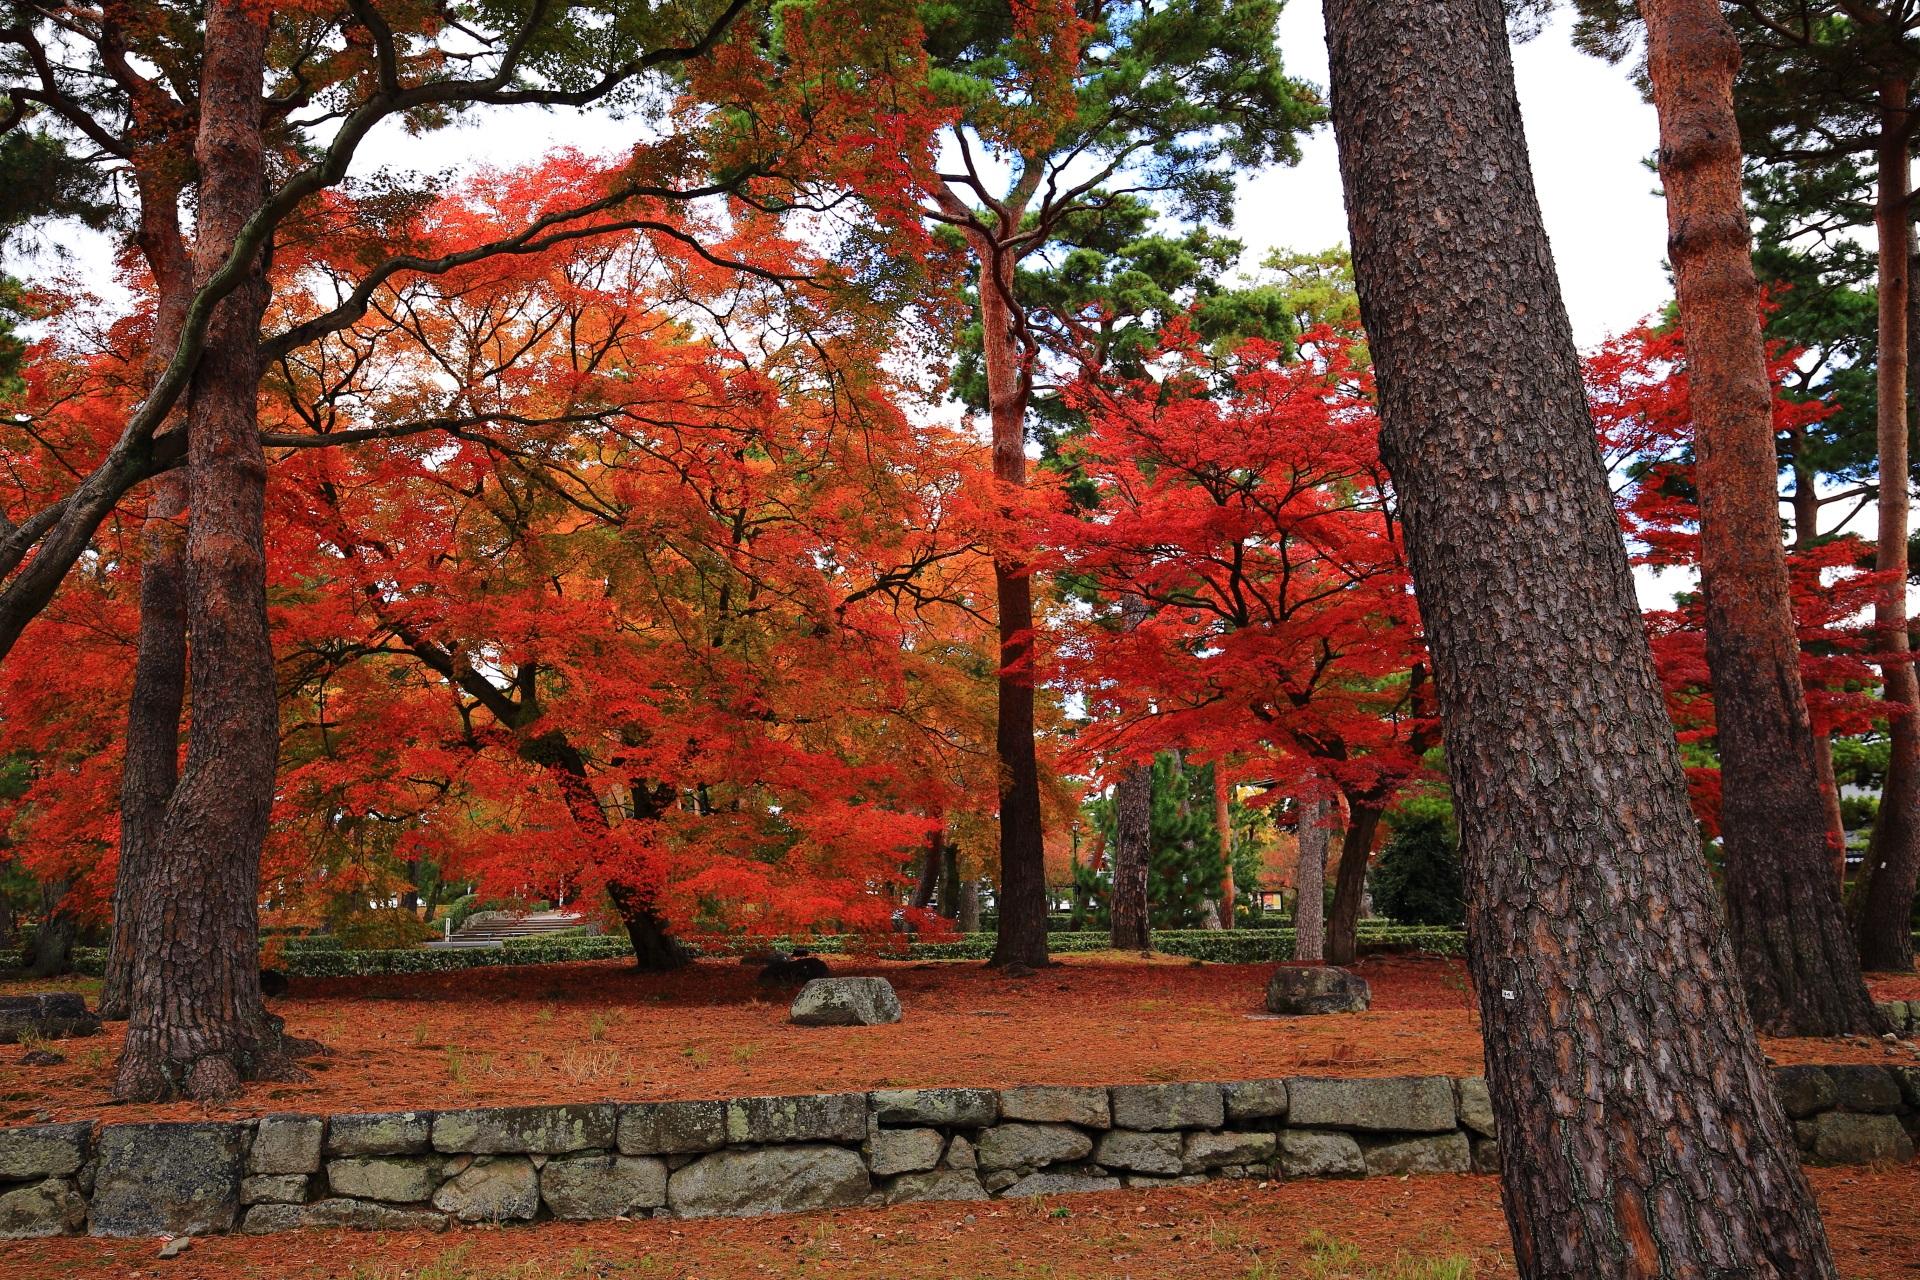 静かな境内を彩る赤とオレンジの鮮やかな紅葉